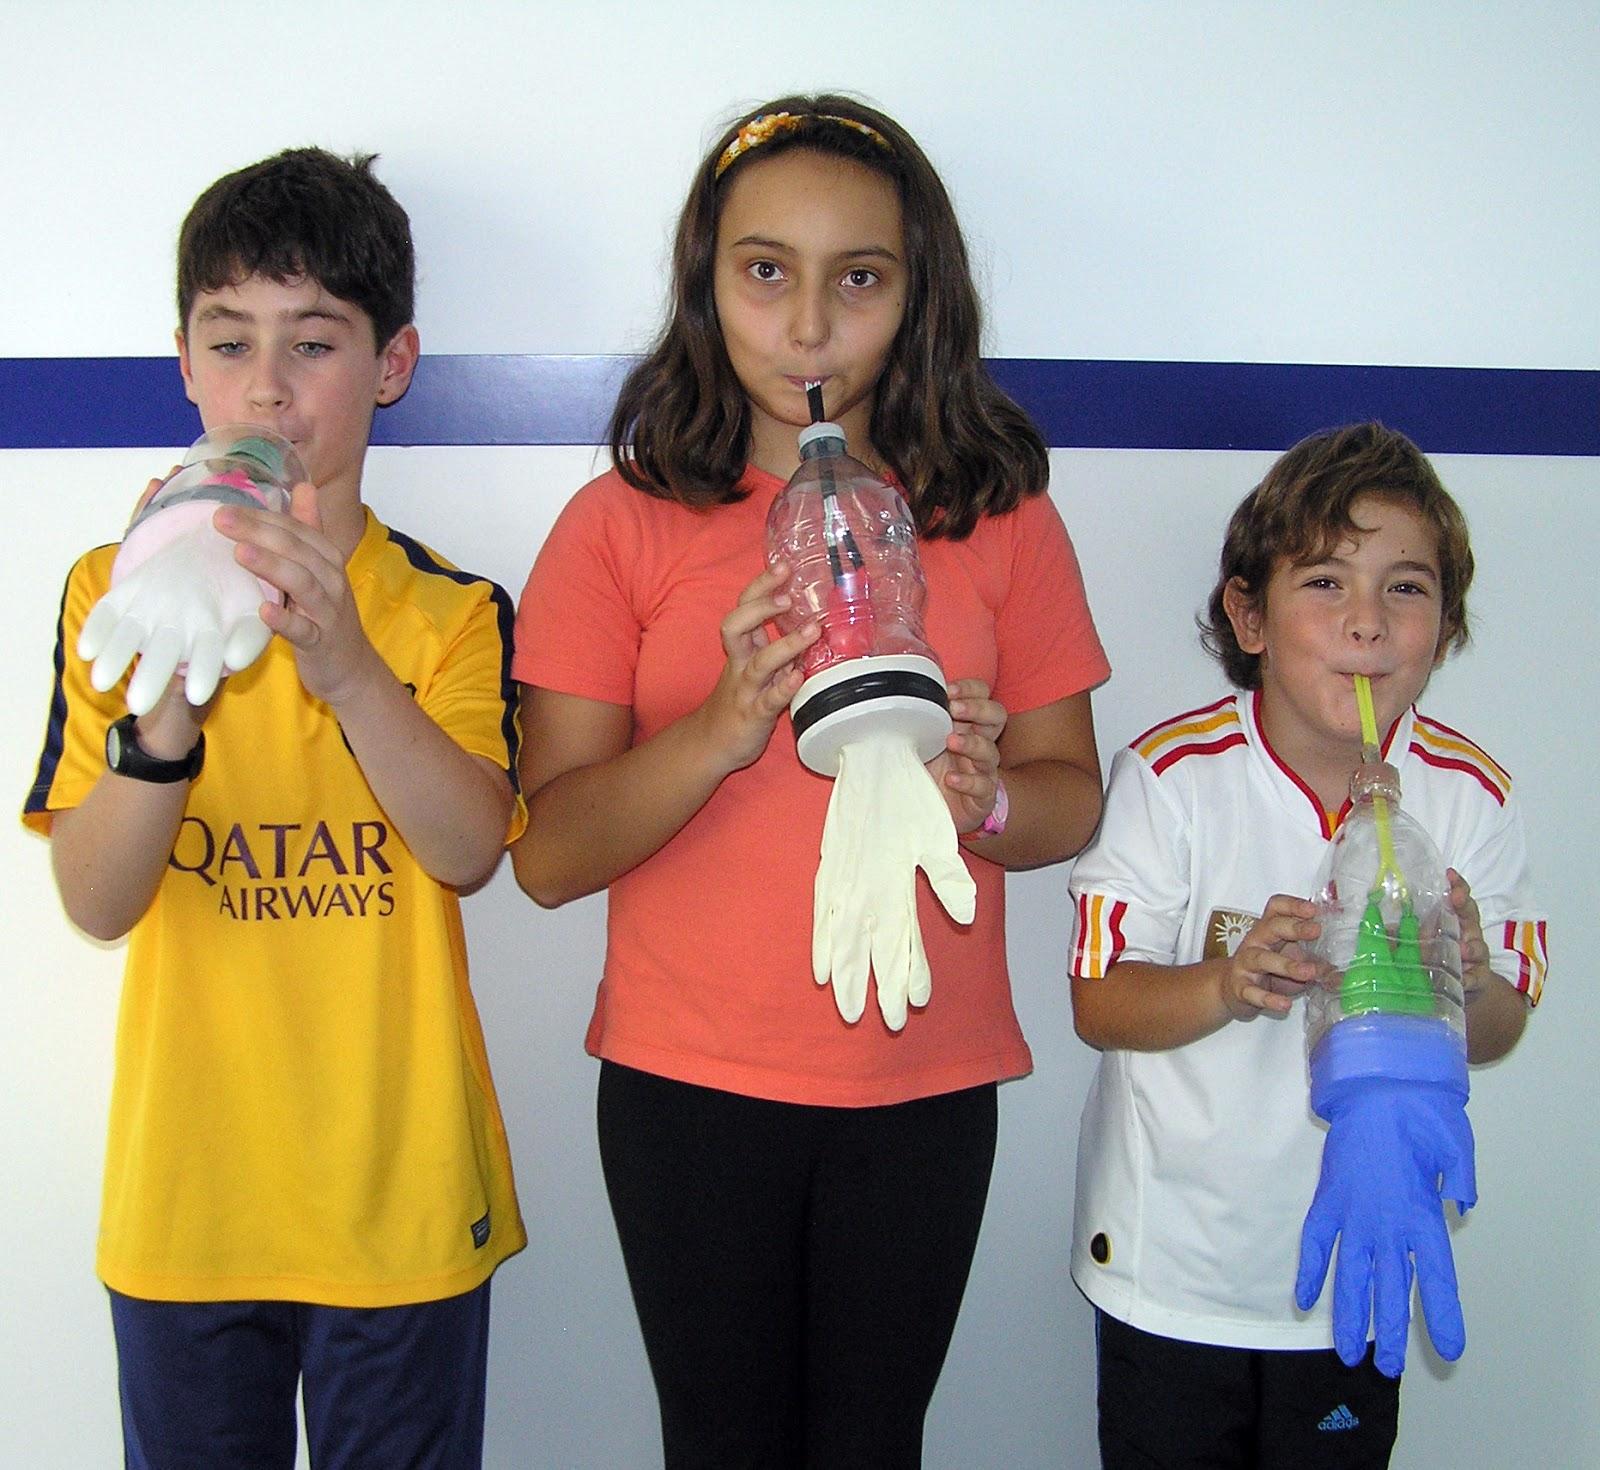 Cosas De Ninos Para La Escuela Experimento Con Unos Pulmones De - Experimentos-para-nios-con-globos